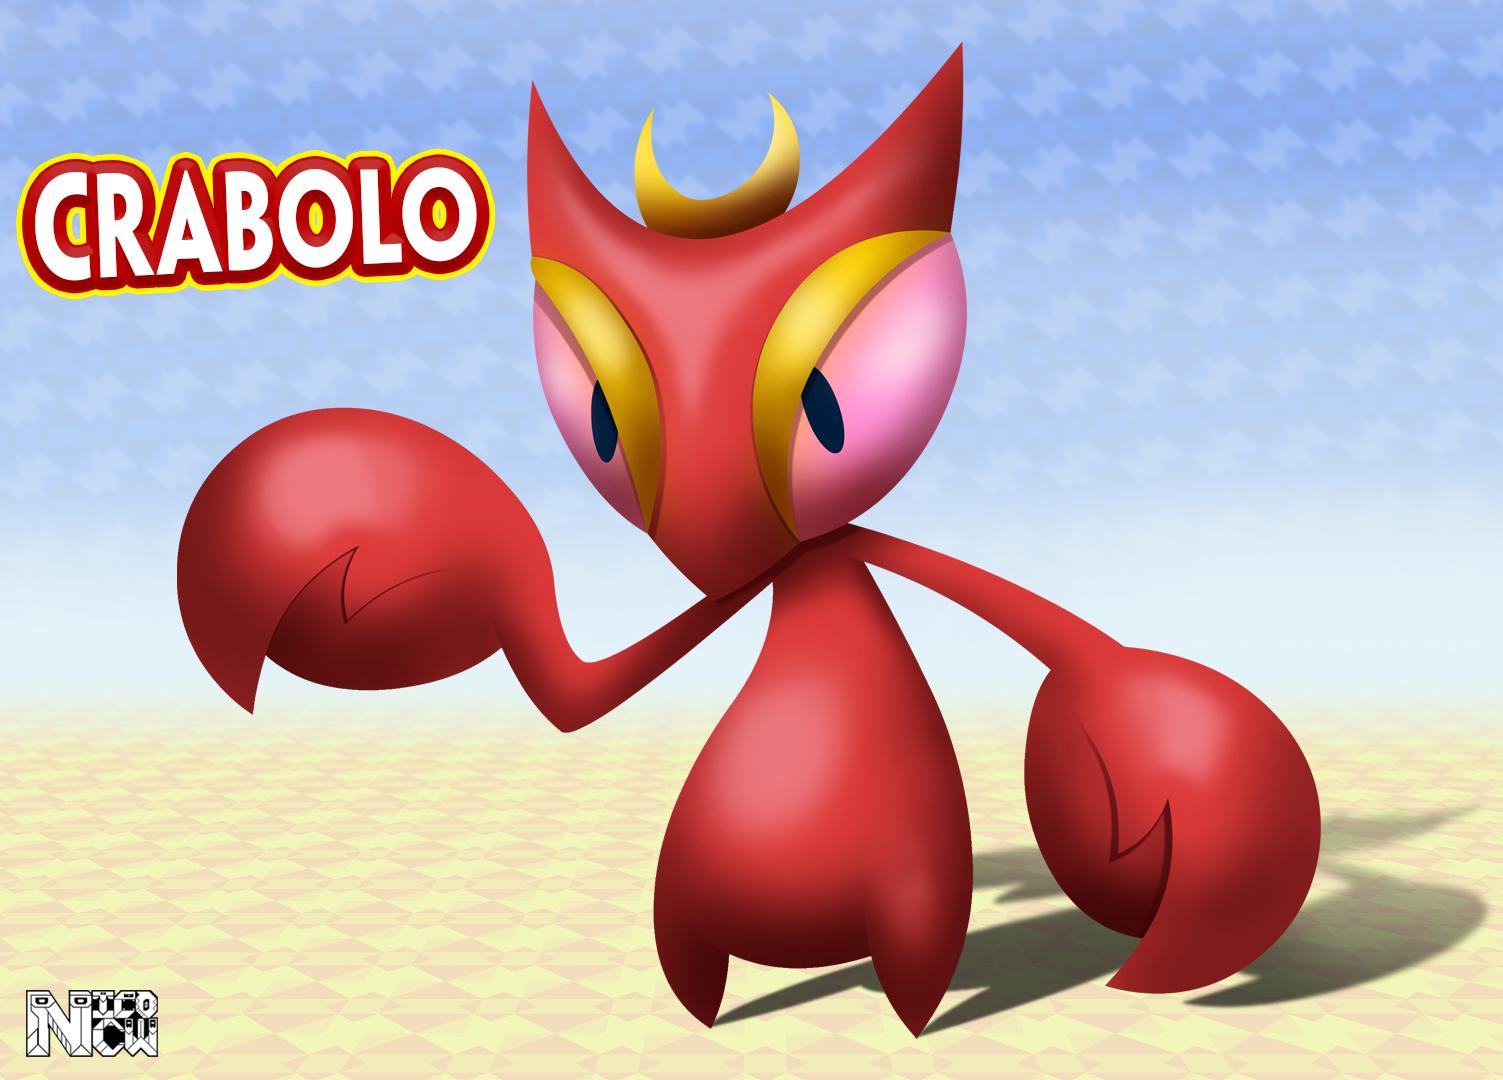 Crabolo